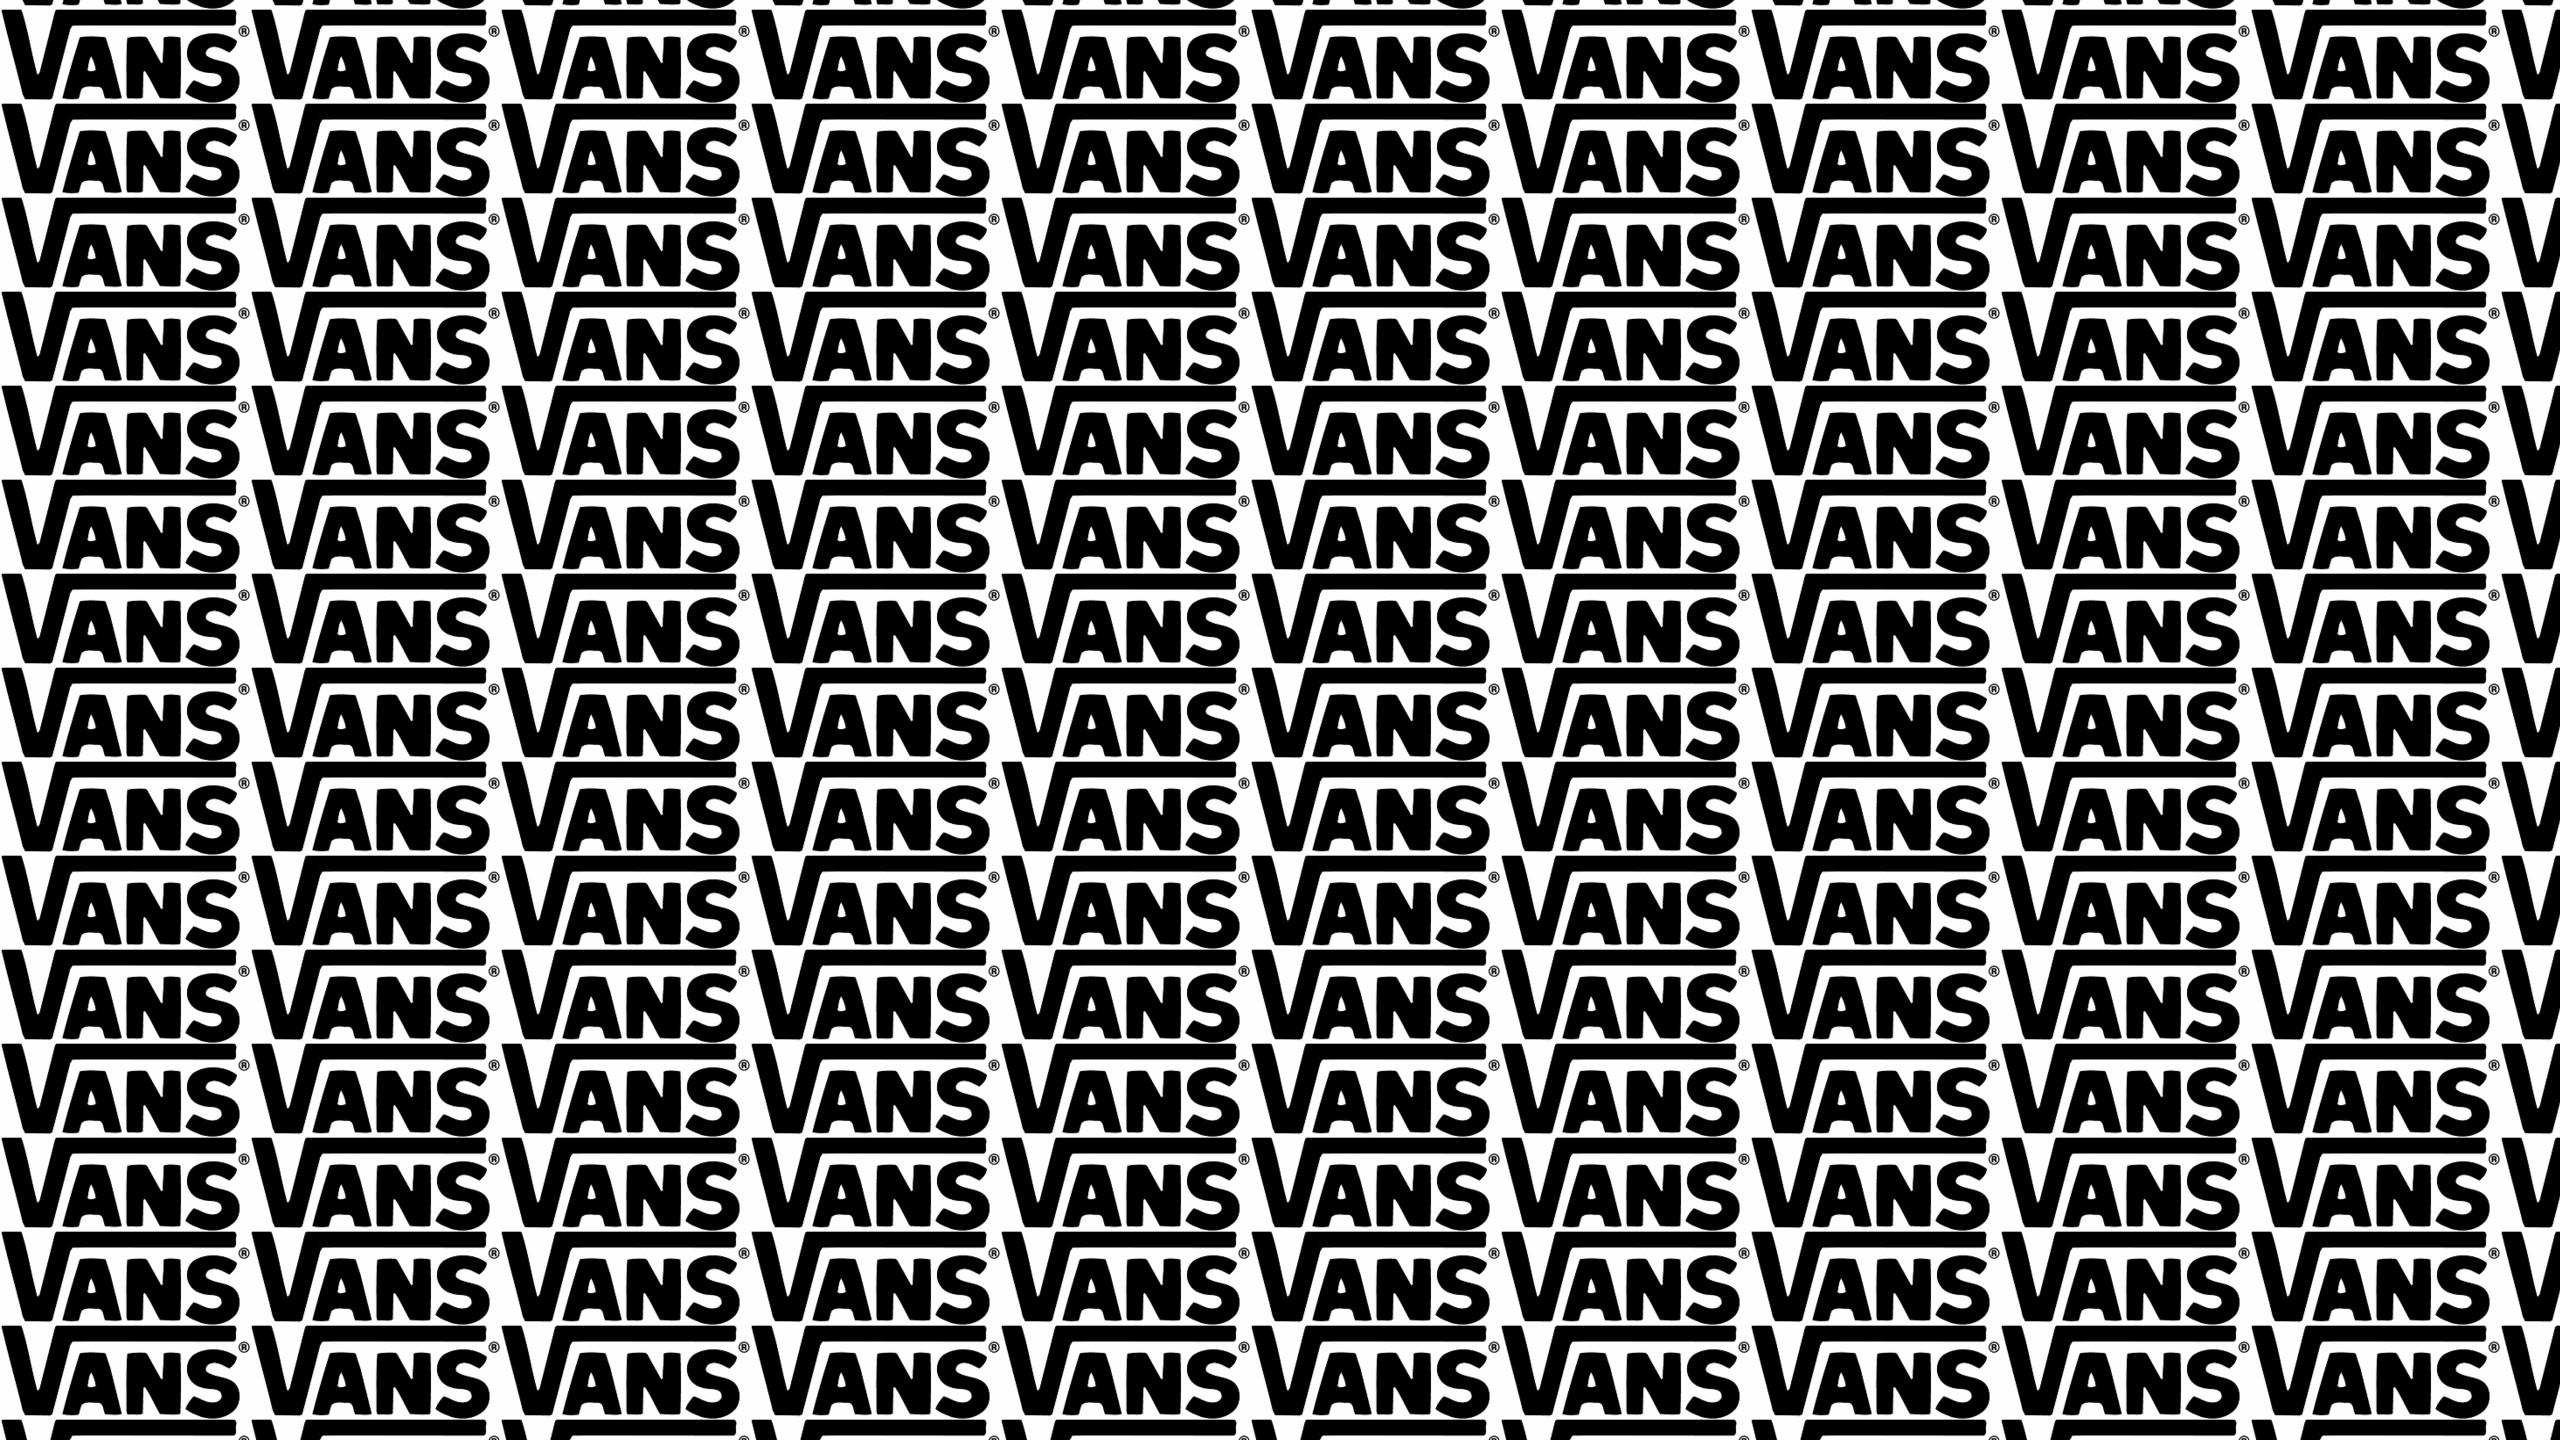 Vans Background Iphone Vans desktop wallpaper